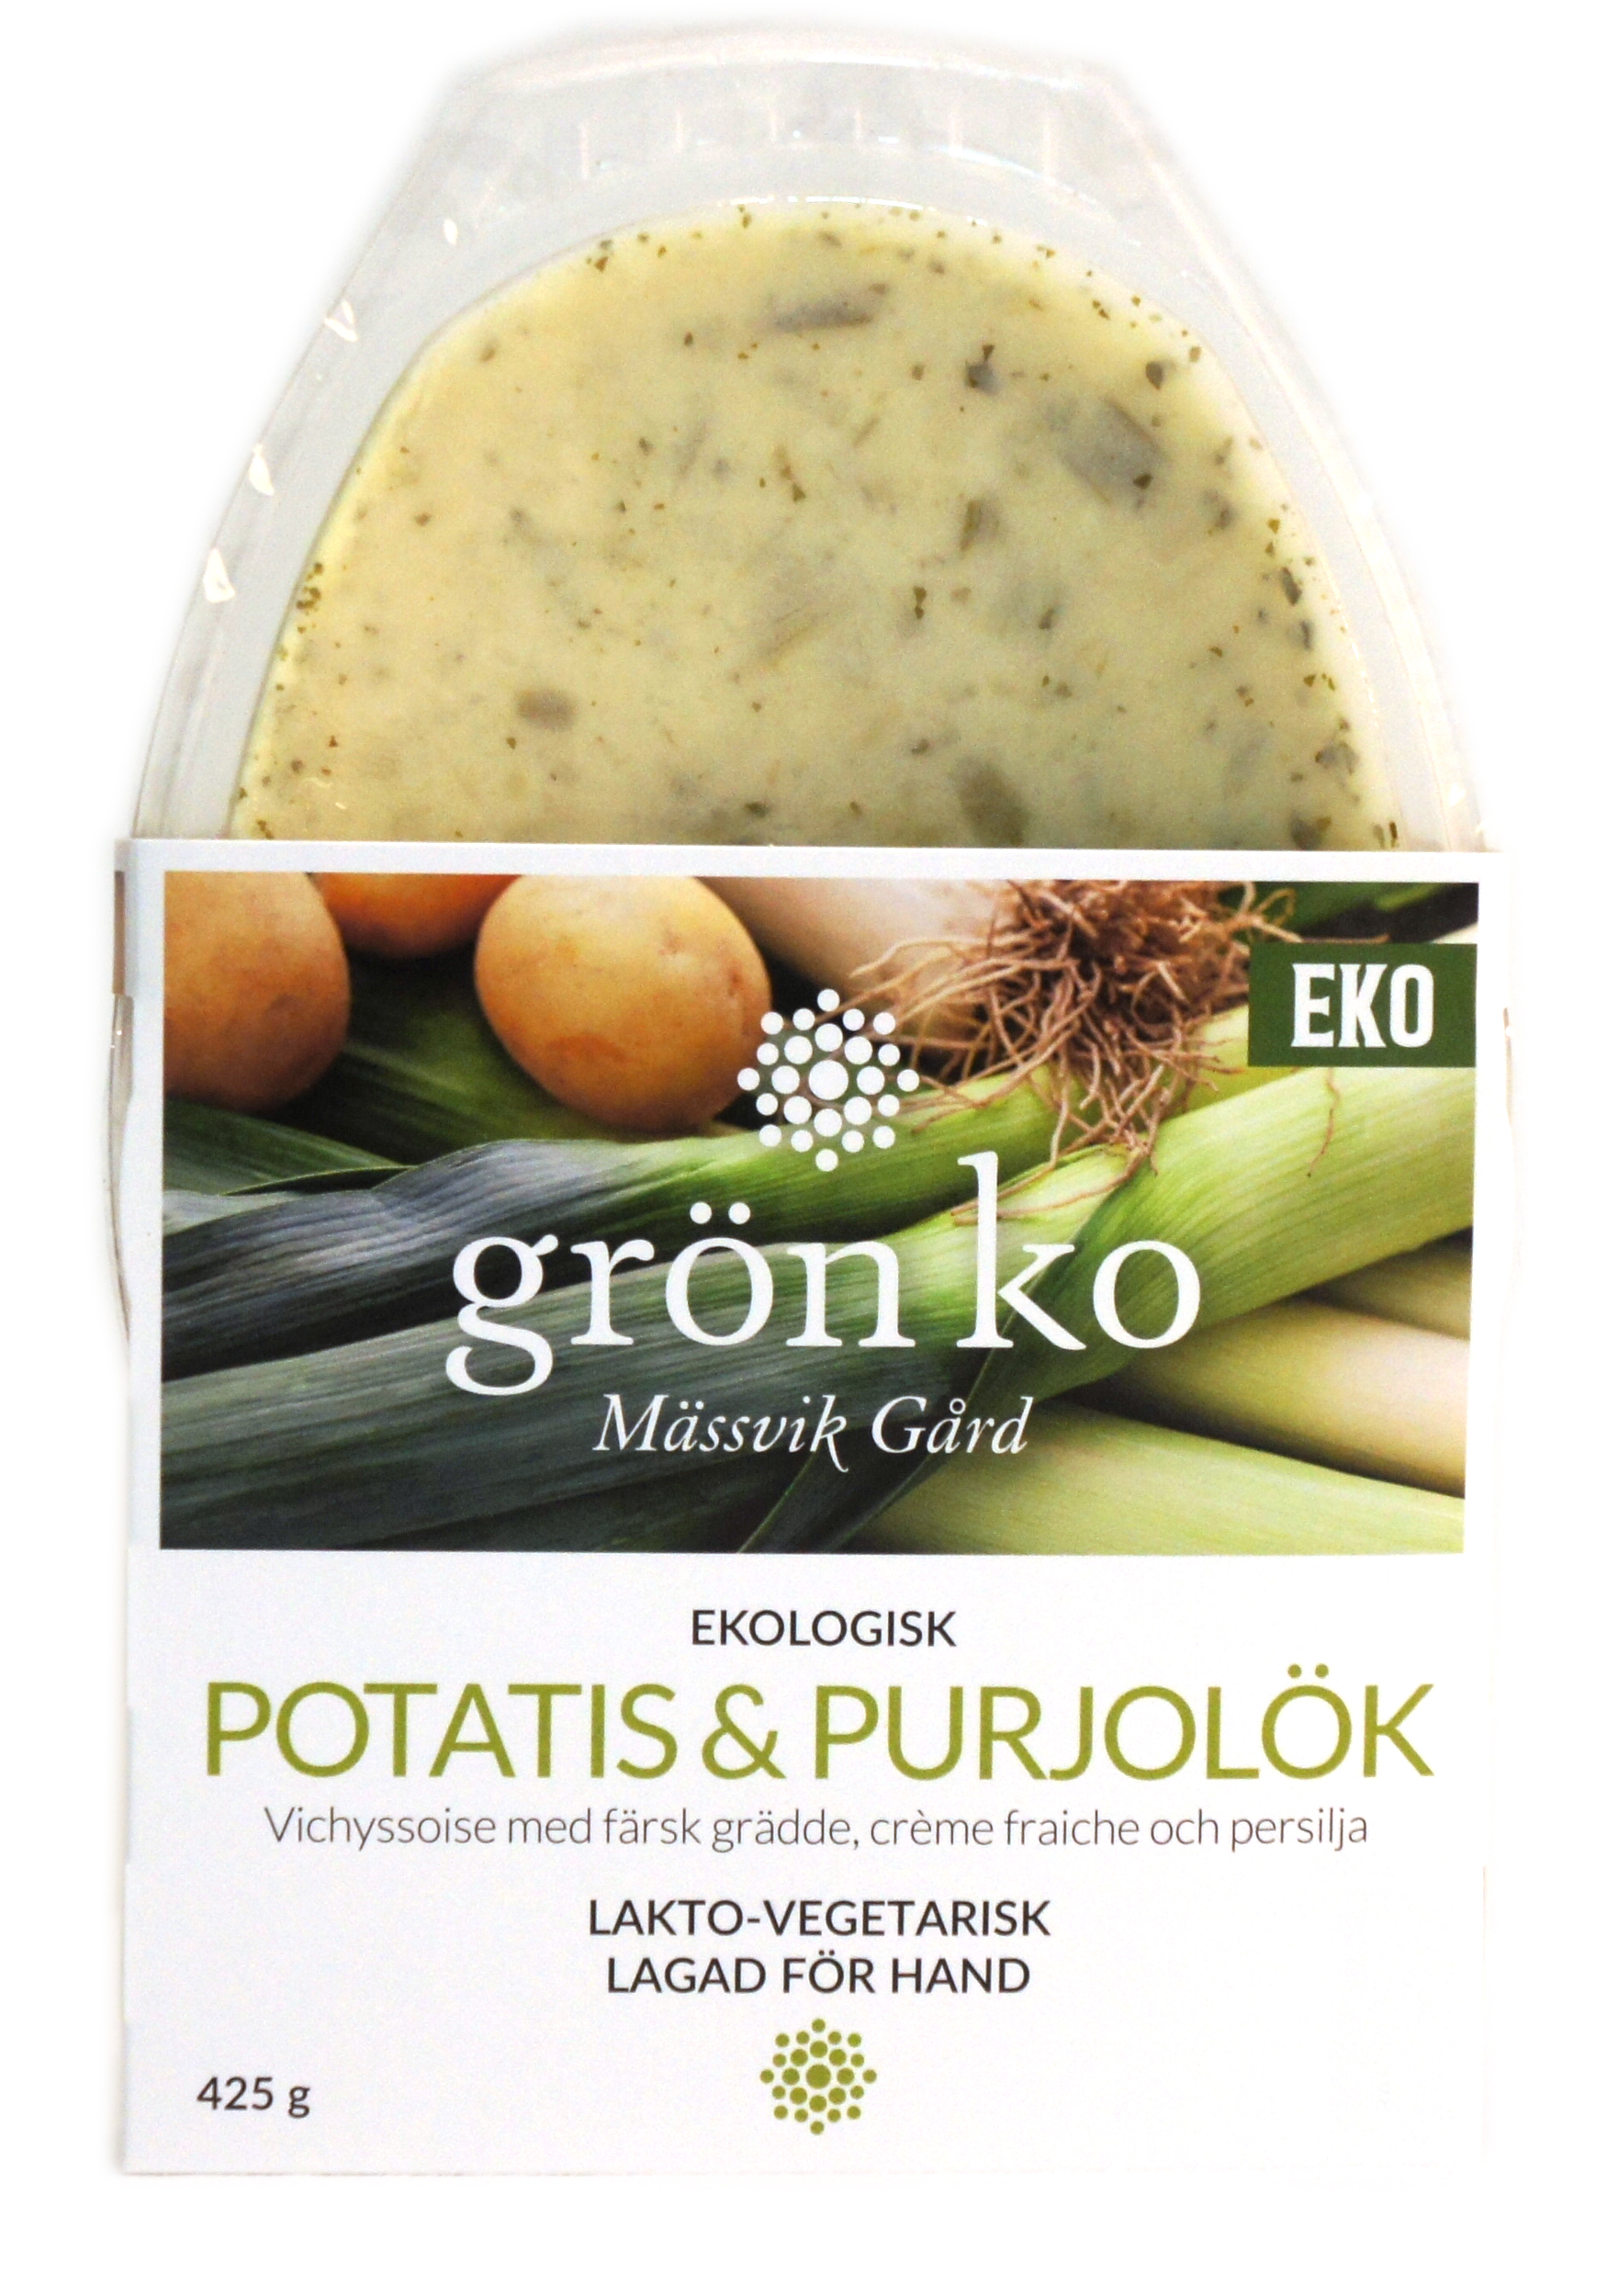 Copy of Potatis & Purjolökssoppa